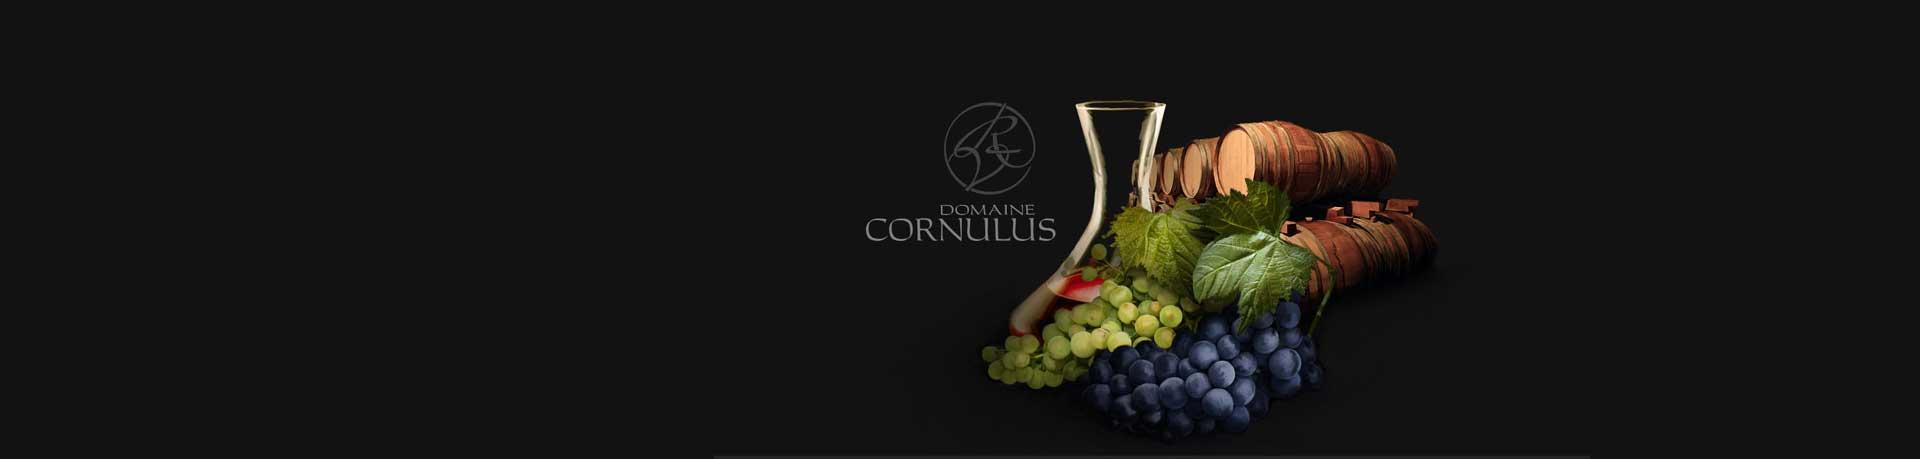 Cornulus